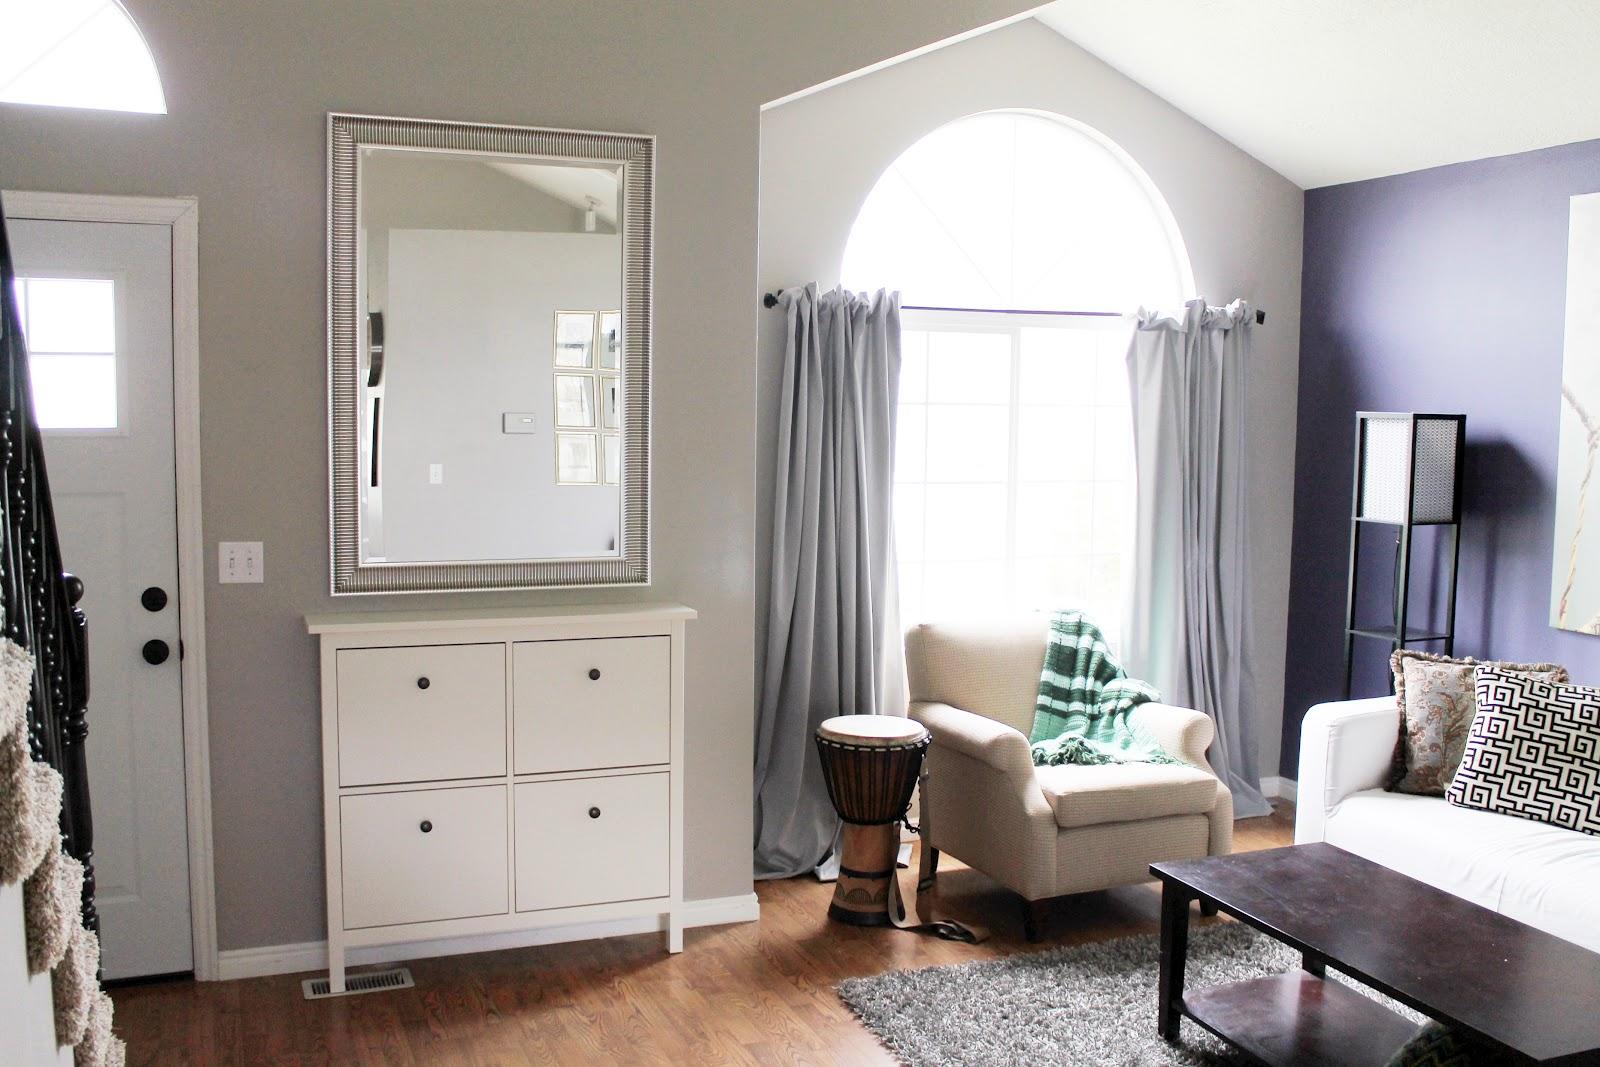 kvadrat-hvid-træ-sko-skab-til-entry-måde-møbler-have-kvadrat-fire-døre-on-laminat-gulv-under-rektangel-spejl-on-grå-væg